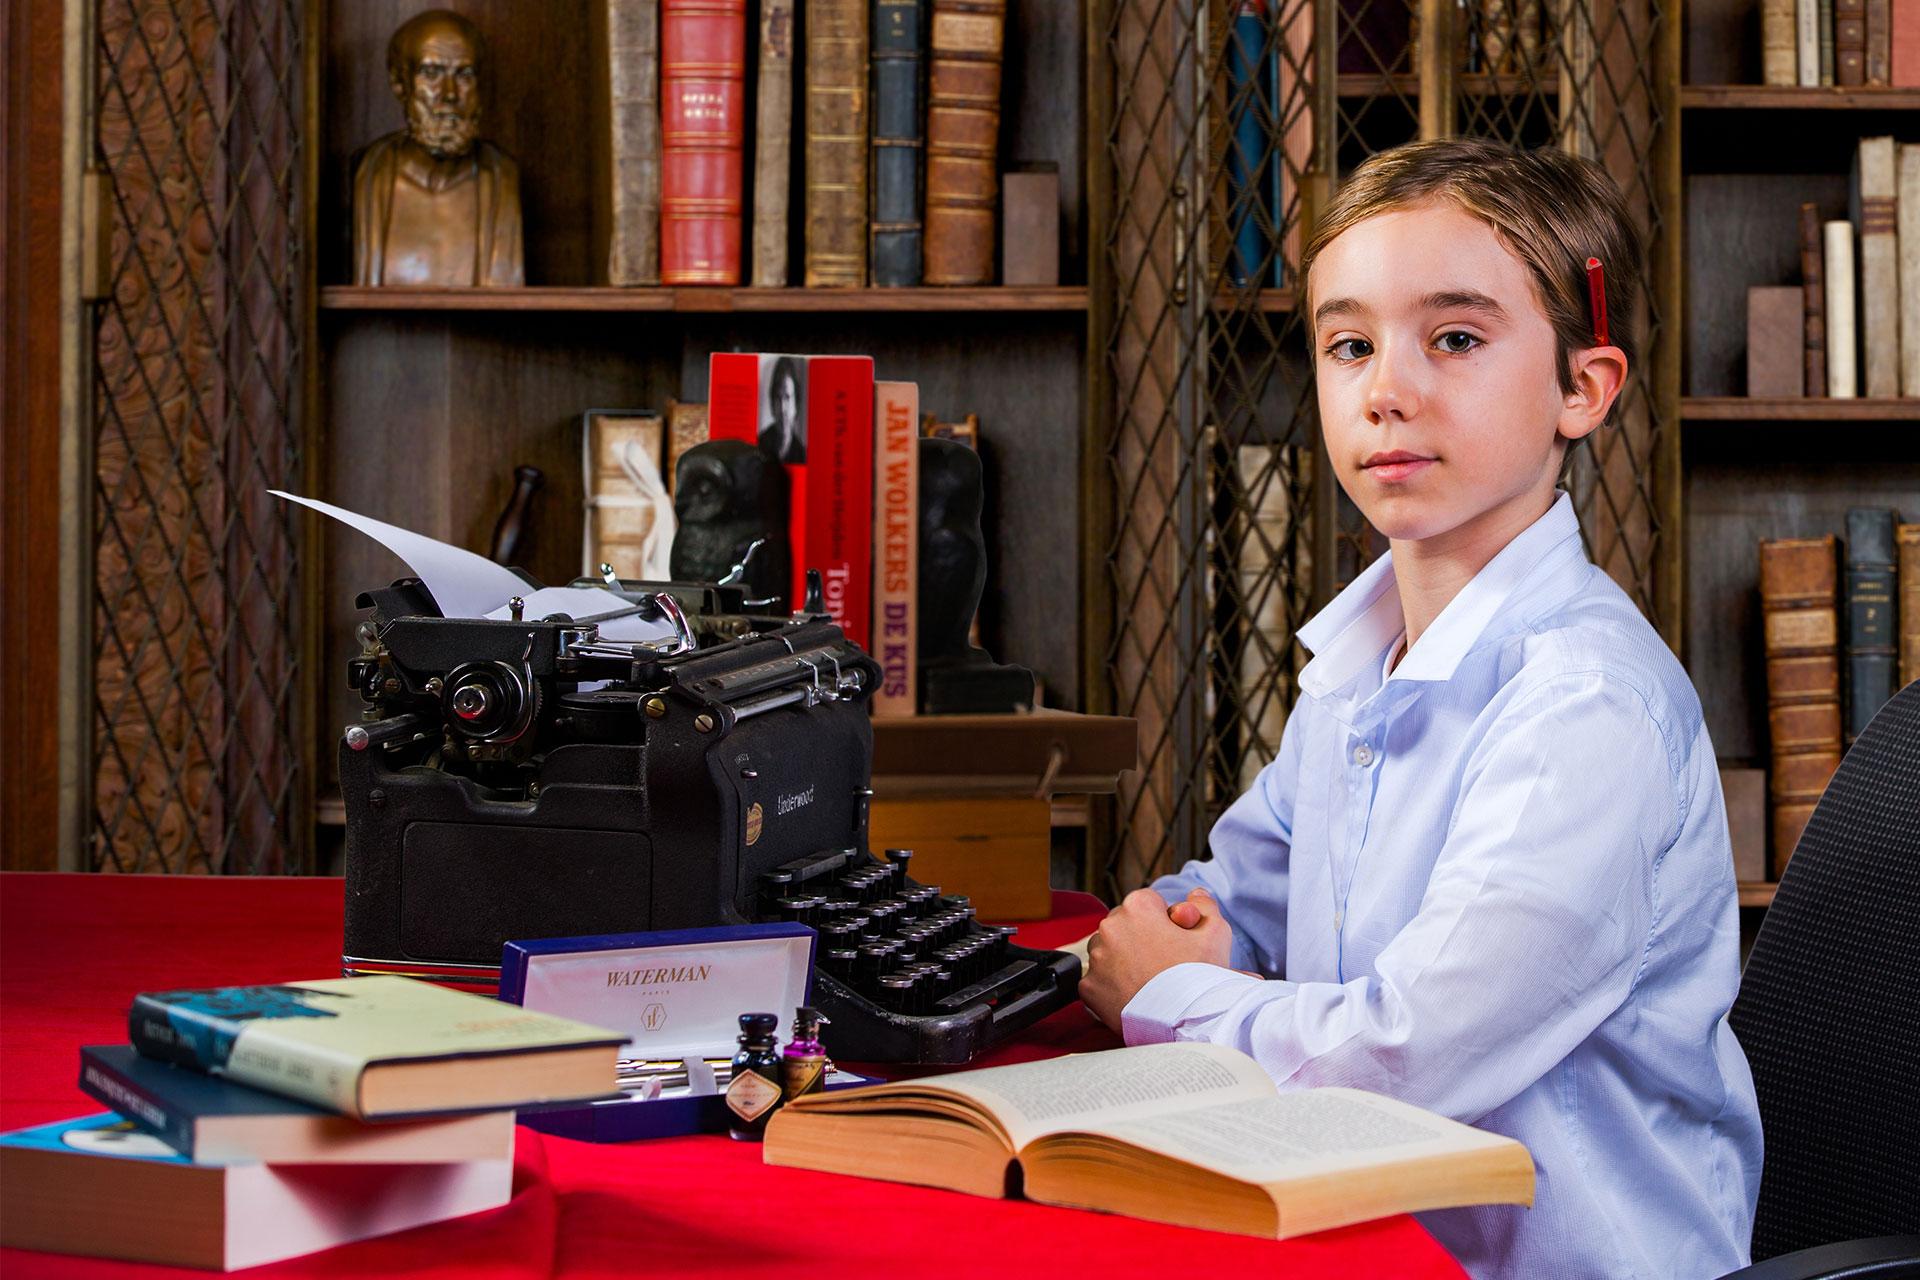 flevoschool-huizen-later-wil-ik-schrijver-worden